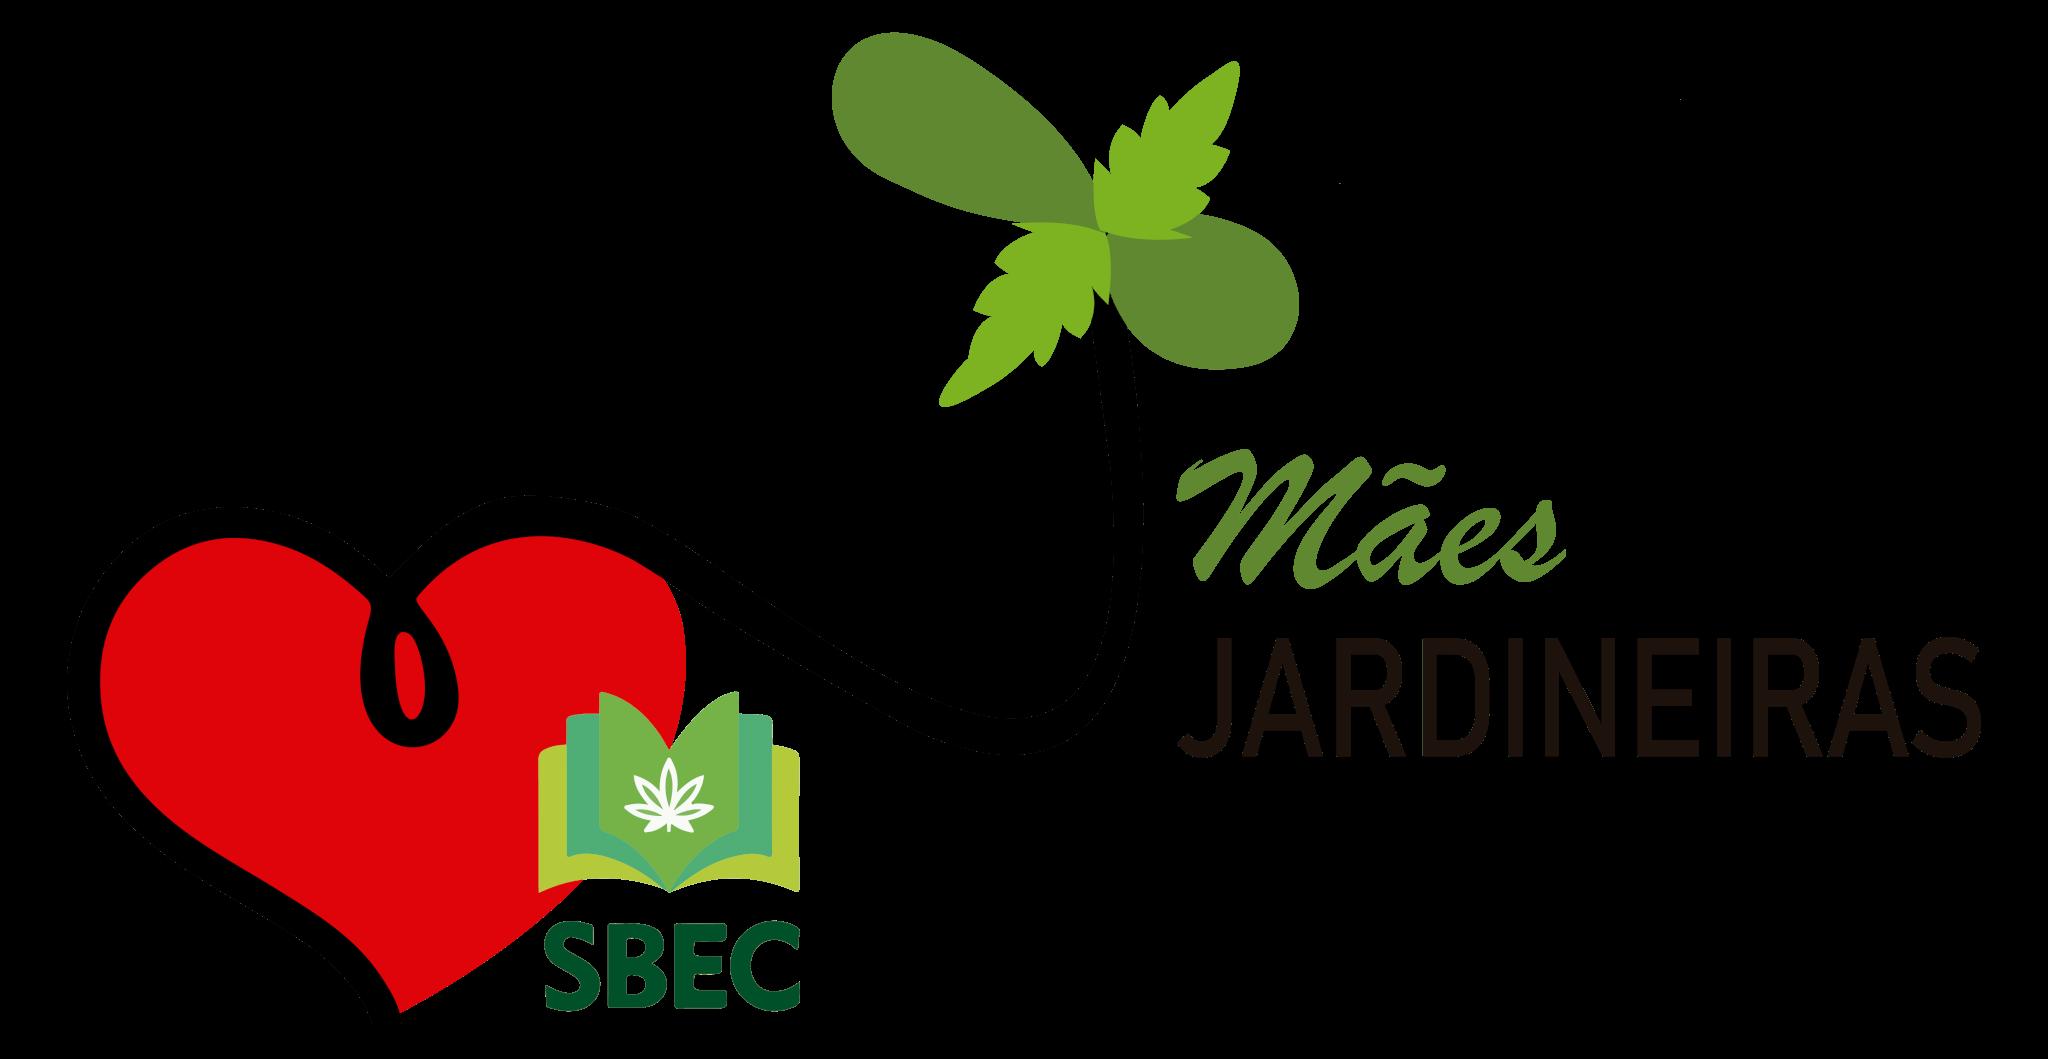 Movimento Mães e Mulheres Jardineiras - MMJ